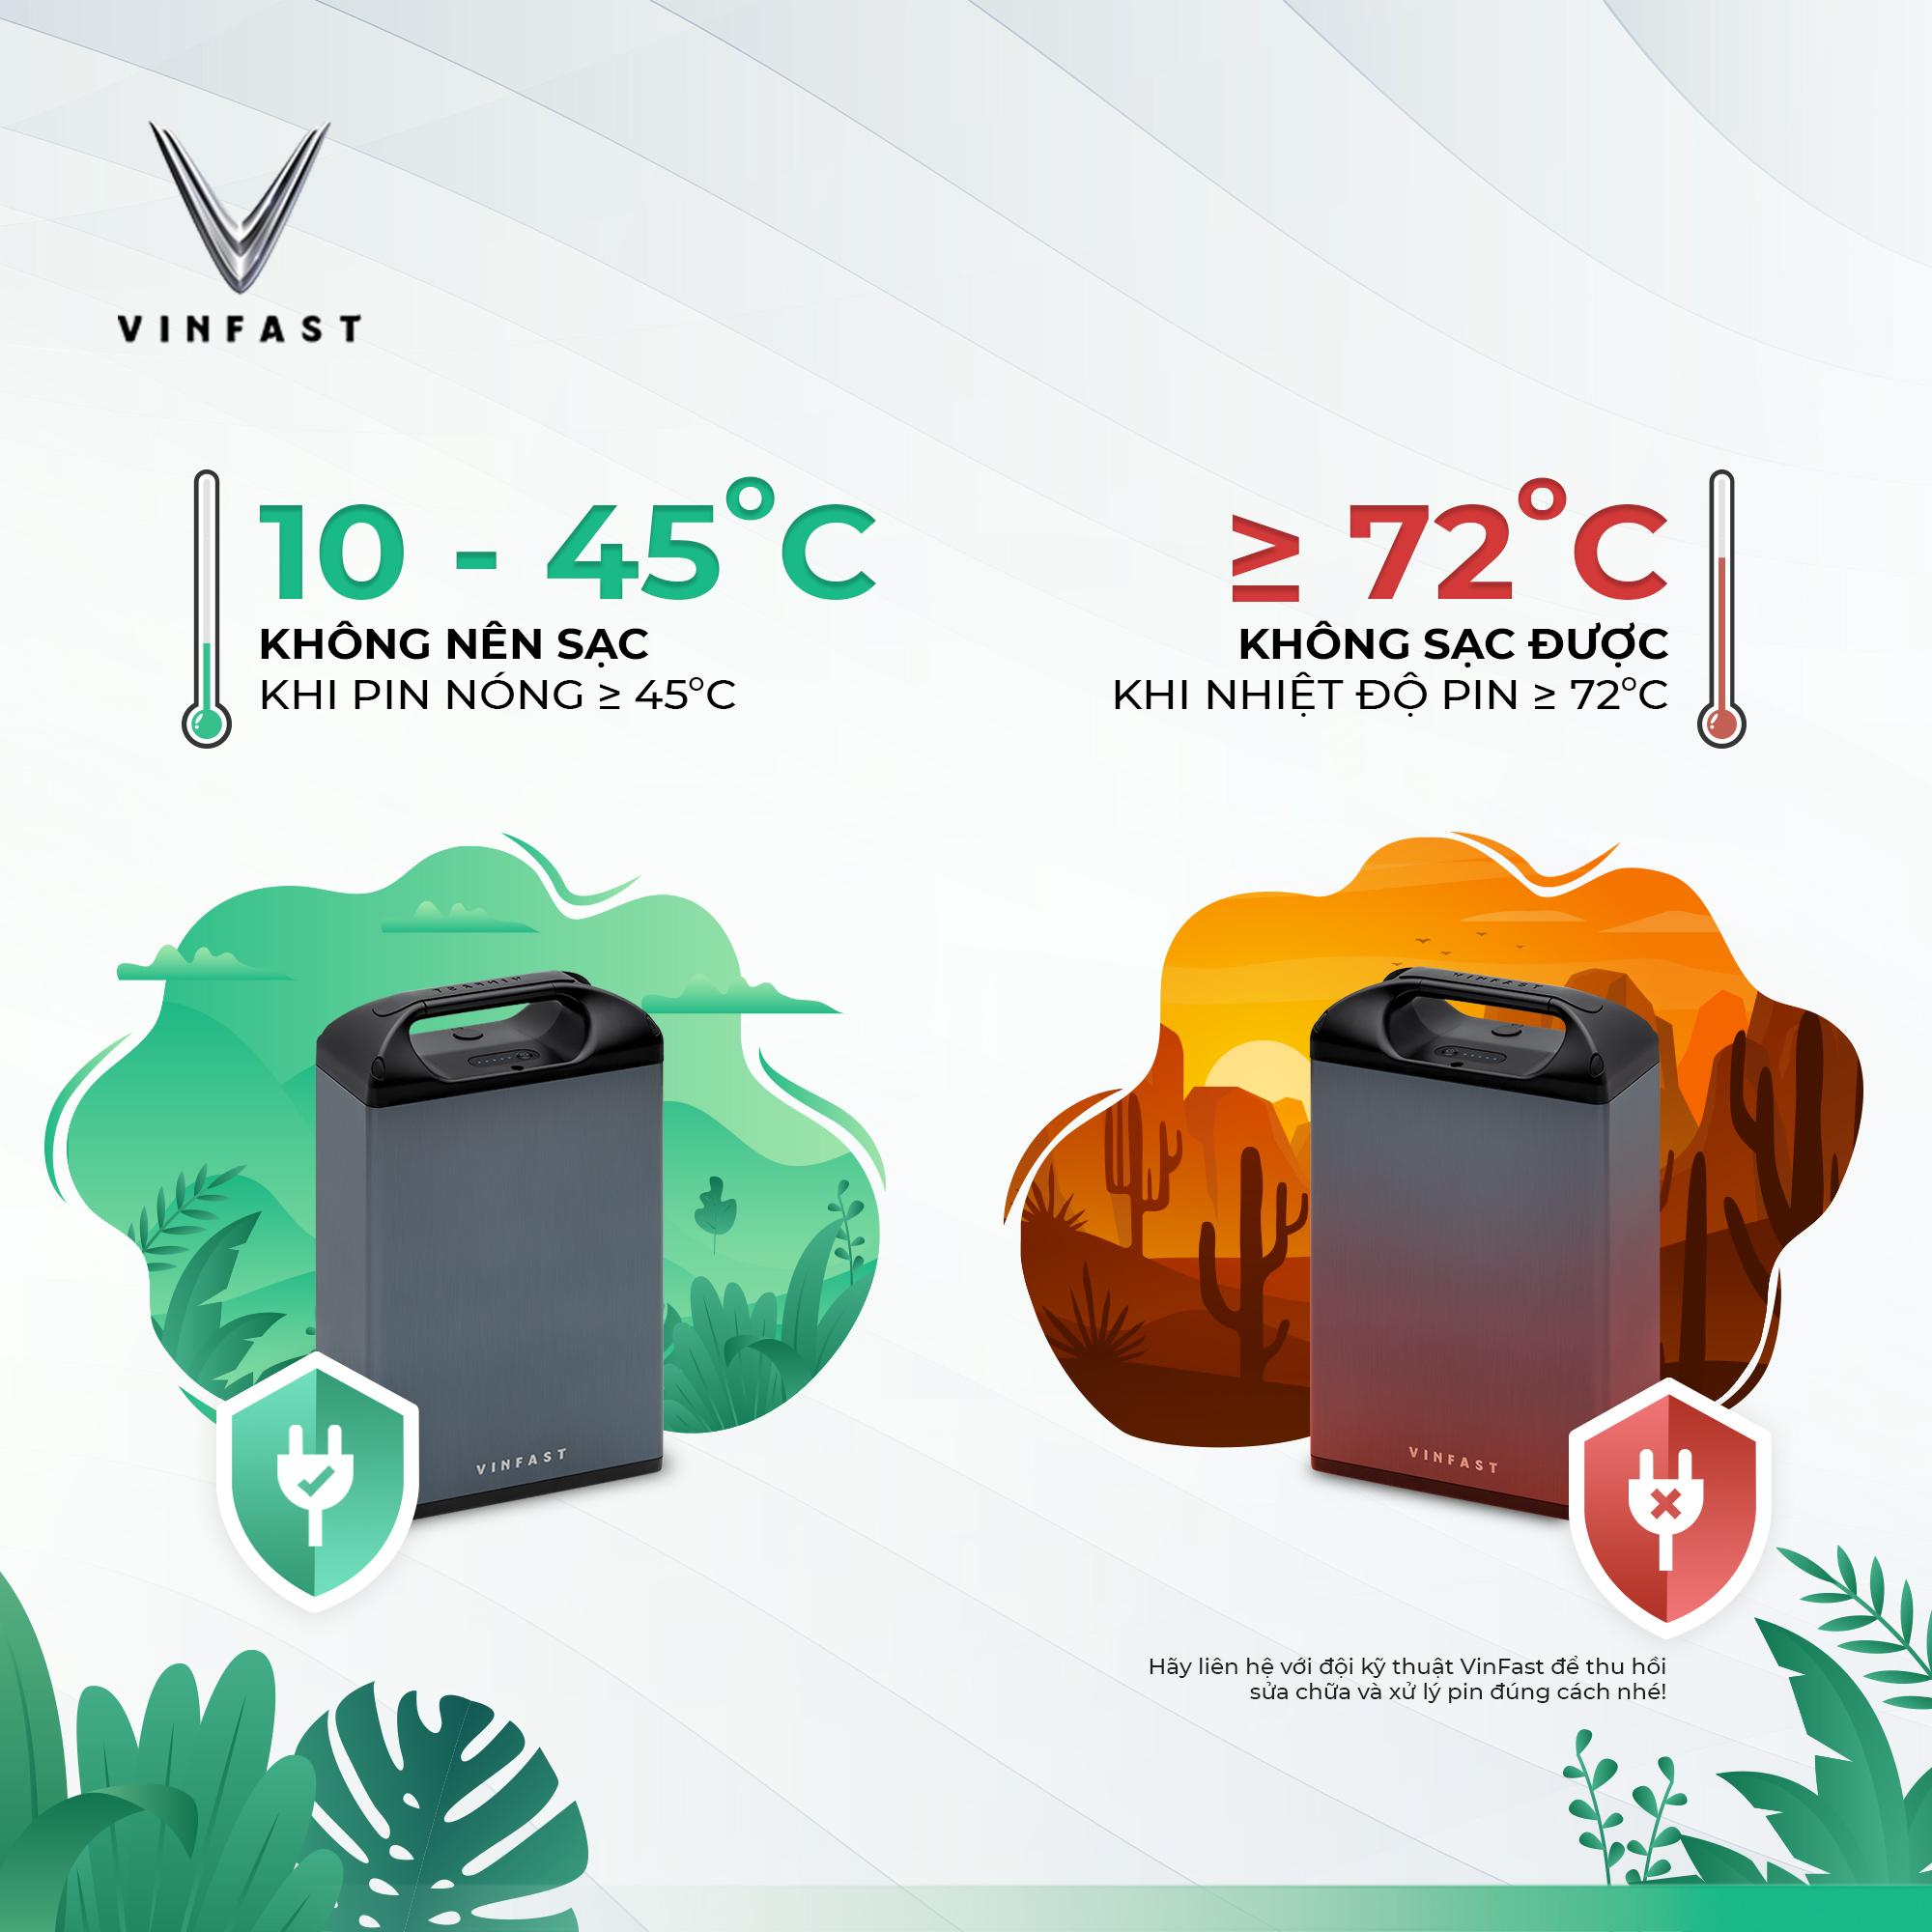 Nhiệt độ tối ưu để pin xe VinFast hoạt động bền bỉ là 10 - 45 độ C